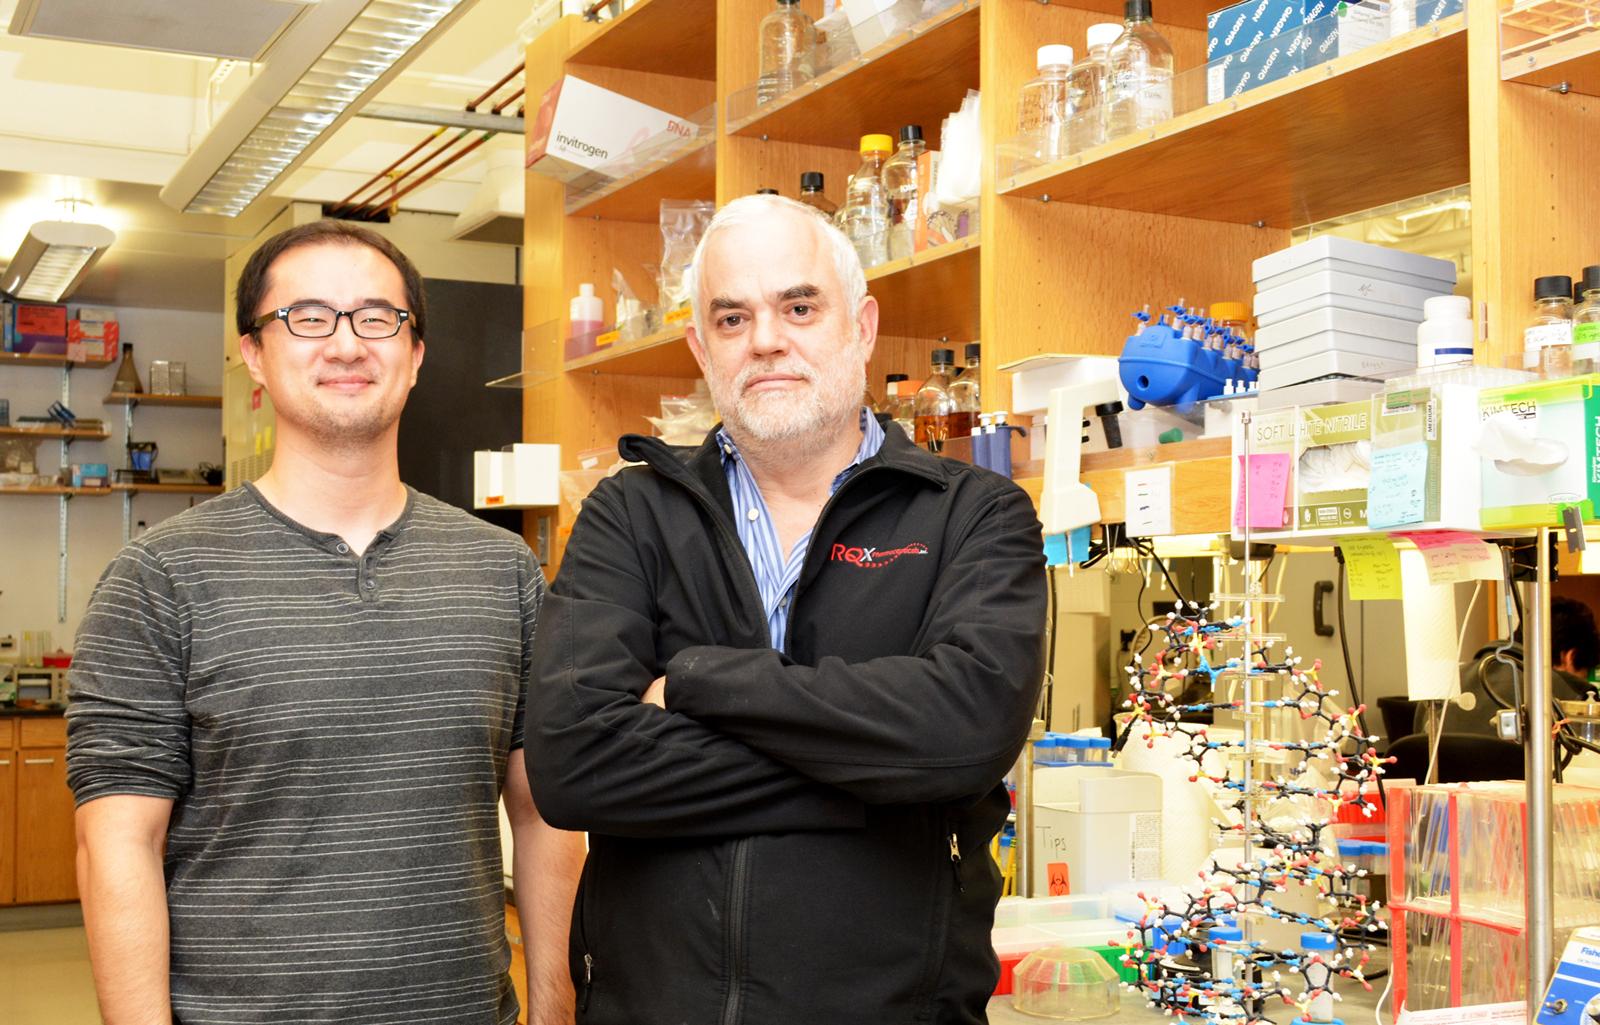 ساخت ارگانیسم نیمه مصنوعی که میتواند زندگی کند!